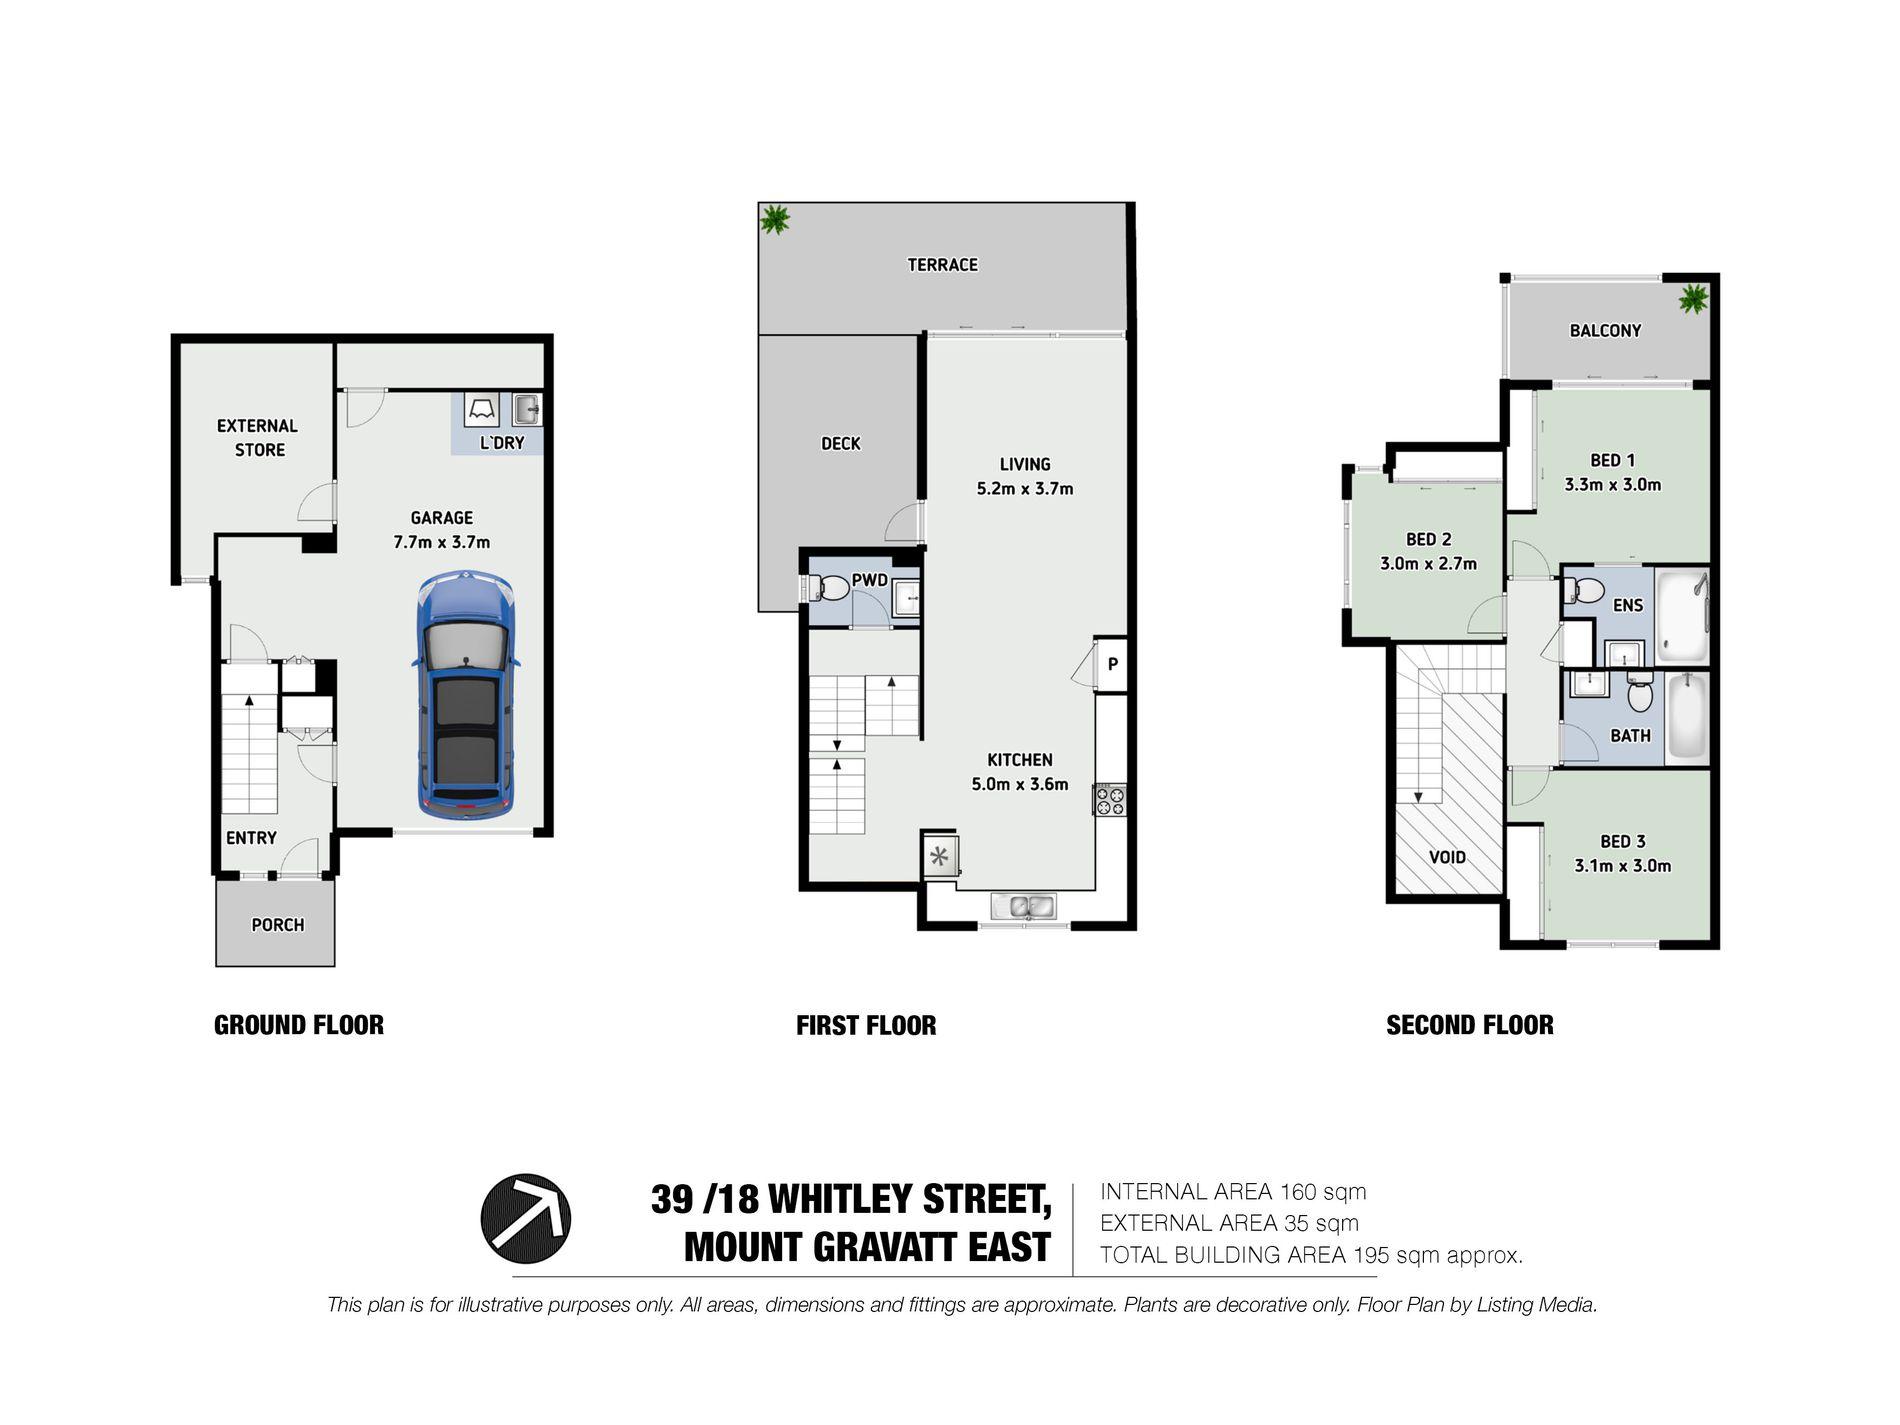 39 / 18 Whitley Street, Mount Gravatt East